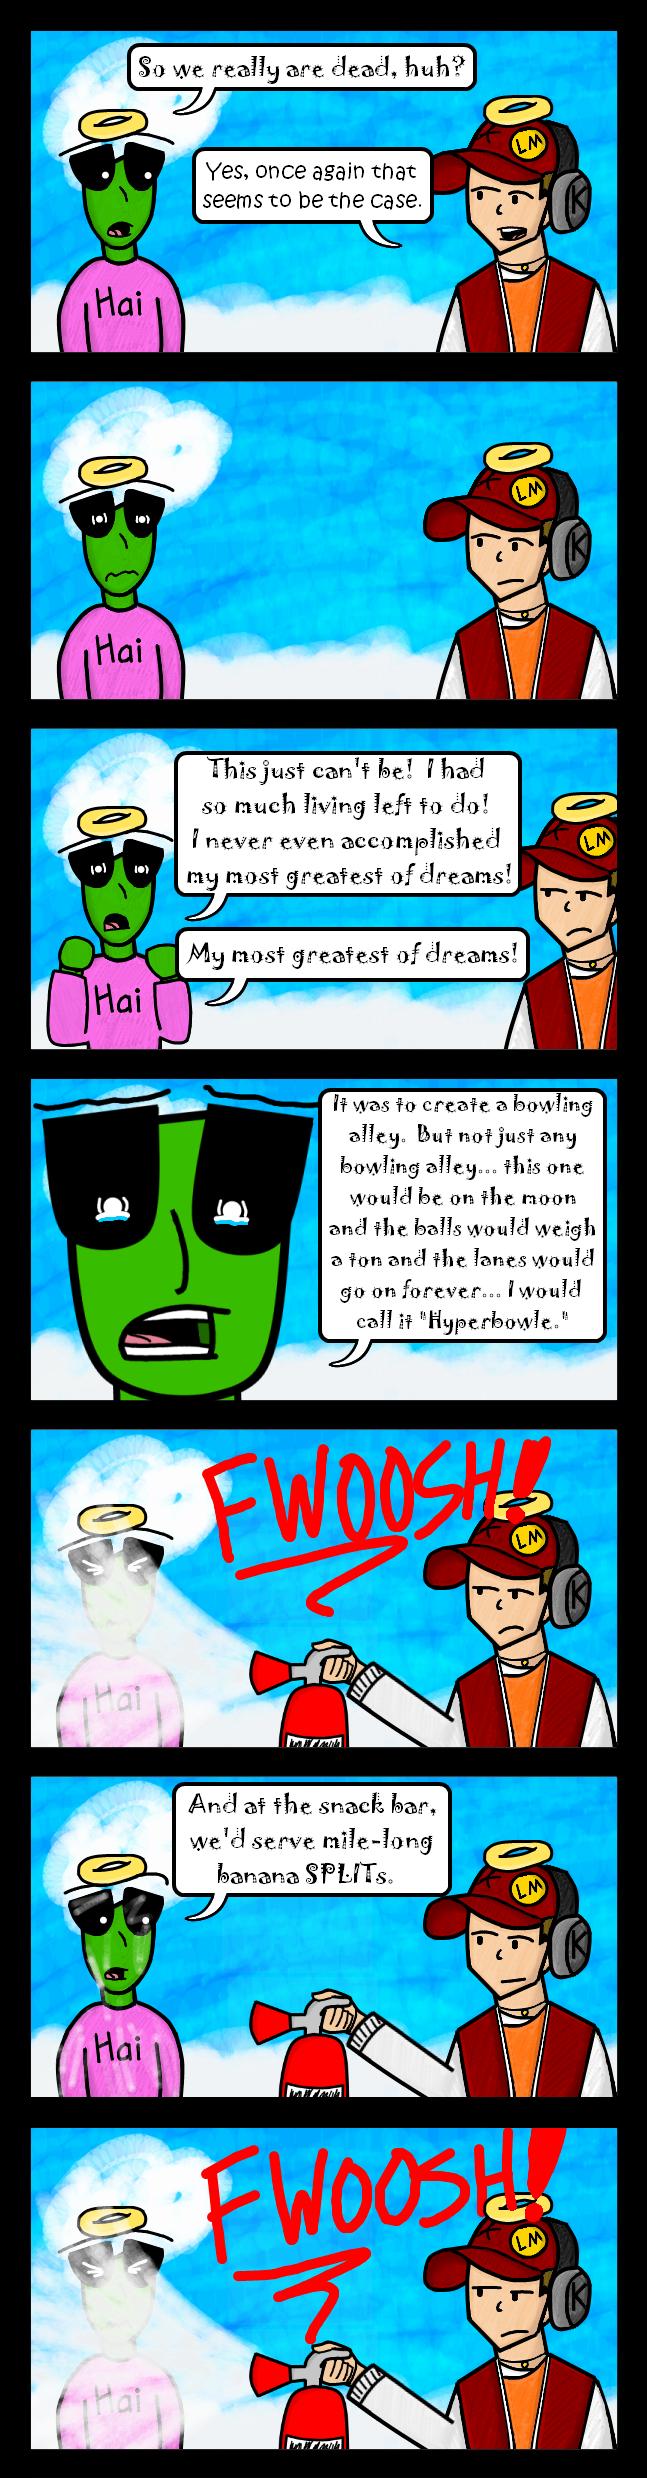 Hyper's dream